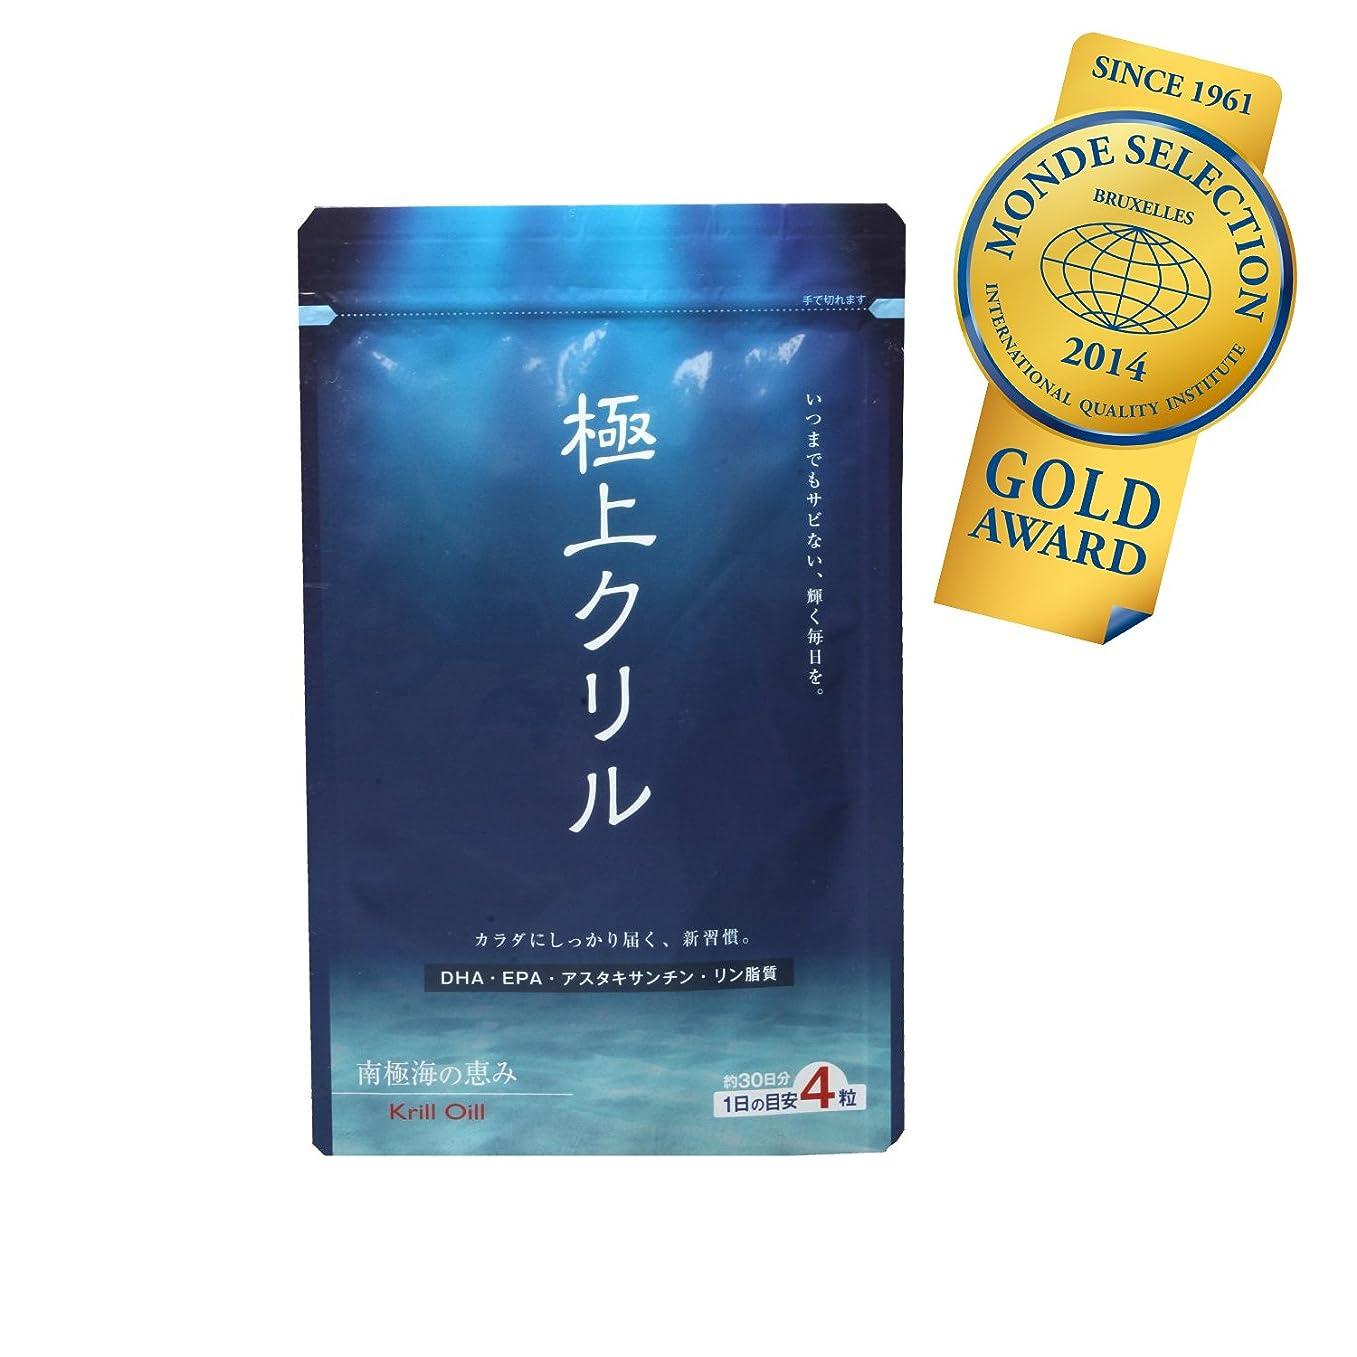 報告書有能な過言極上クリル120粒 100%クリルオイル (約1ヶ月分) 日本製×3袋セット